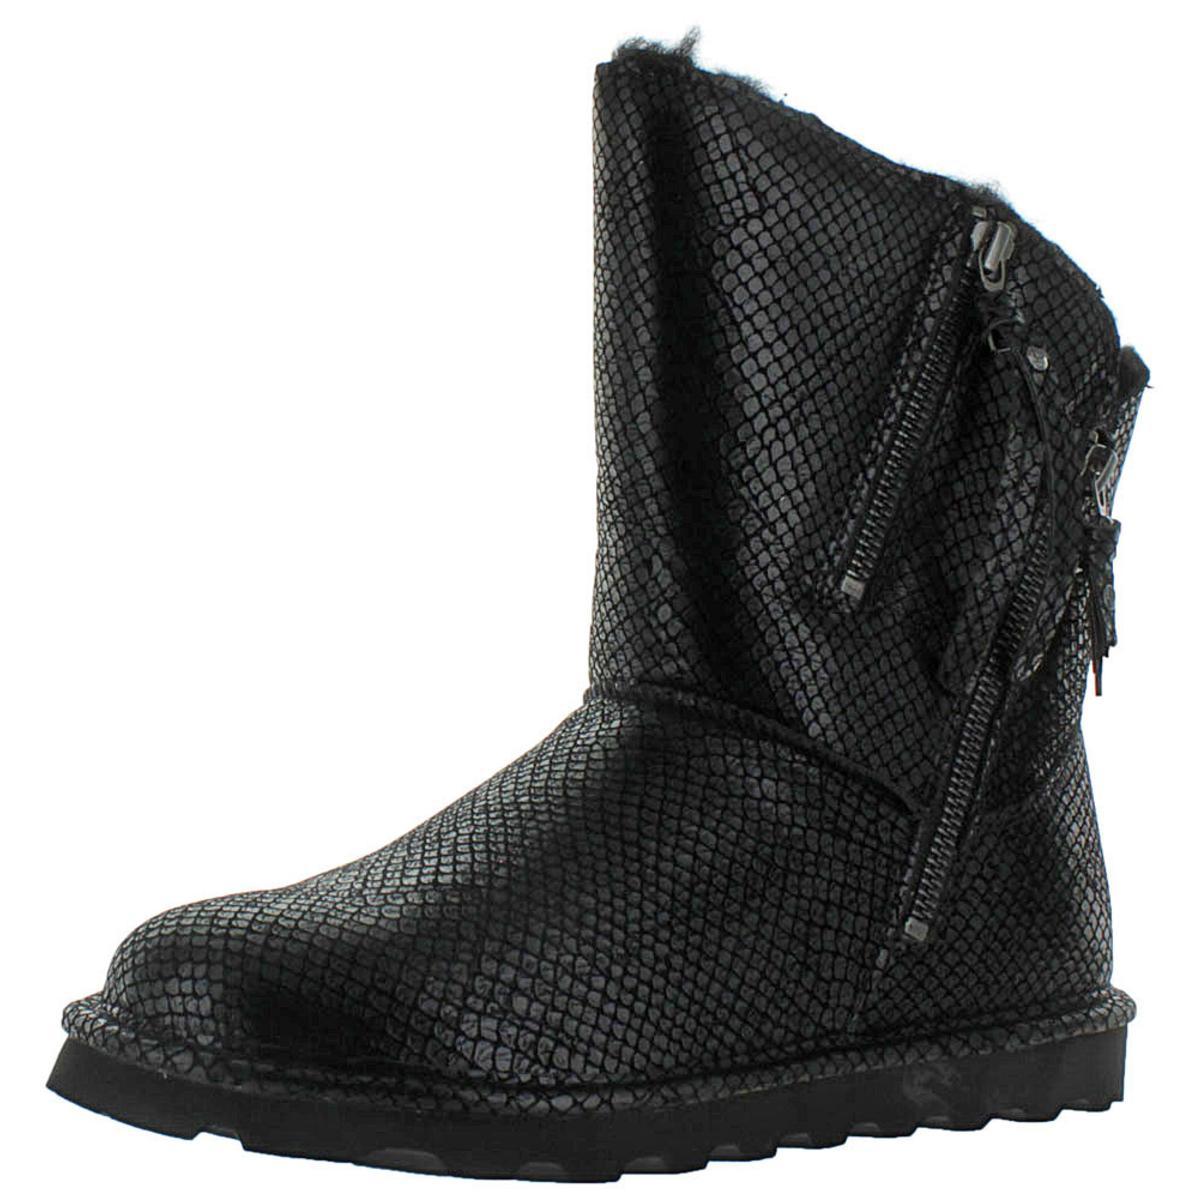 Bearpaw-Mimi-Women-039-s-Short-Sheepskin-Boots-Water-Resistant